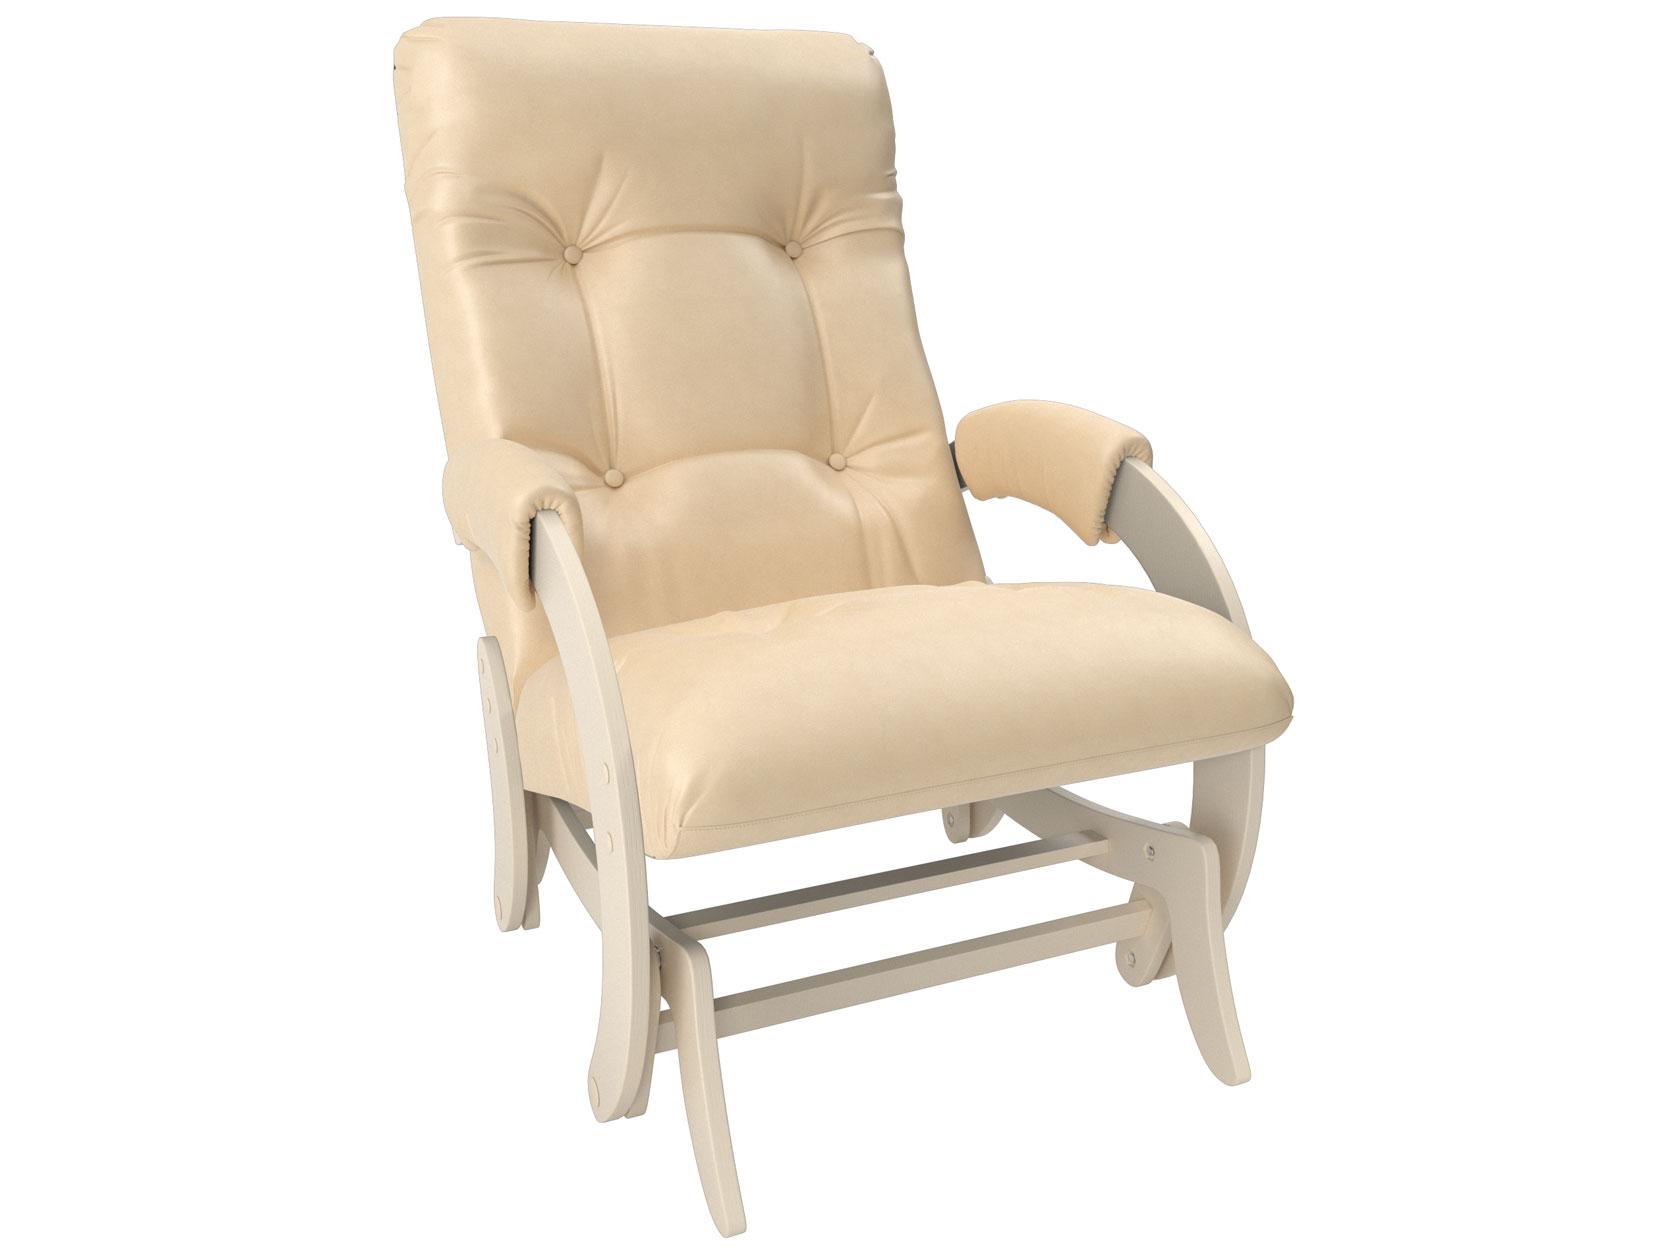 Кресло-глайдер 179-100281